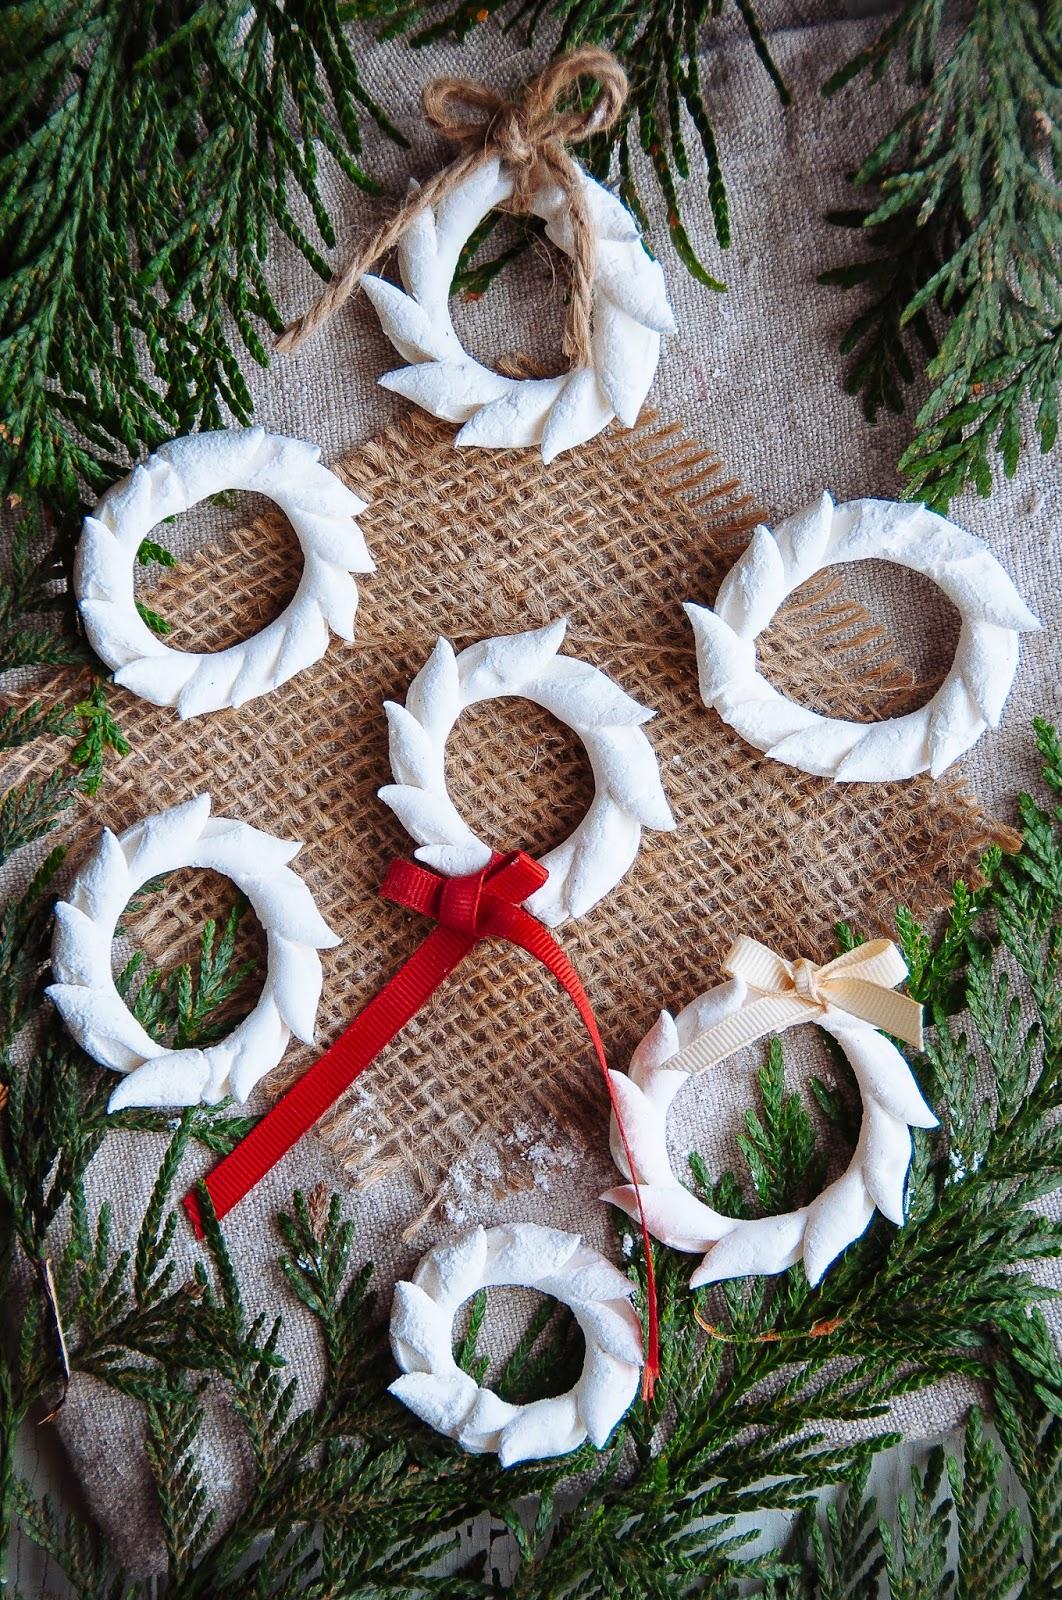 Marshmallow Wreaths | Hint of Vanilla